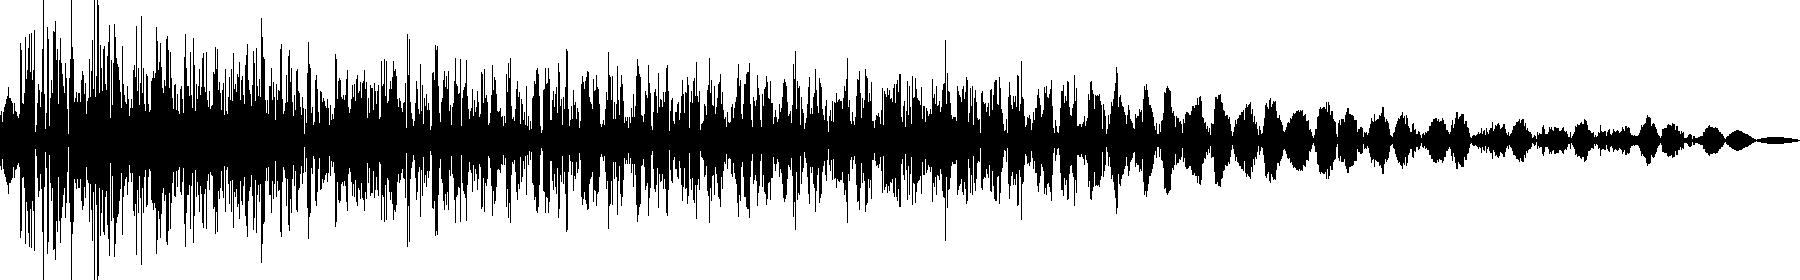 veh2 synths   011 c